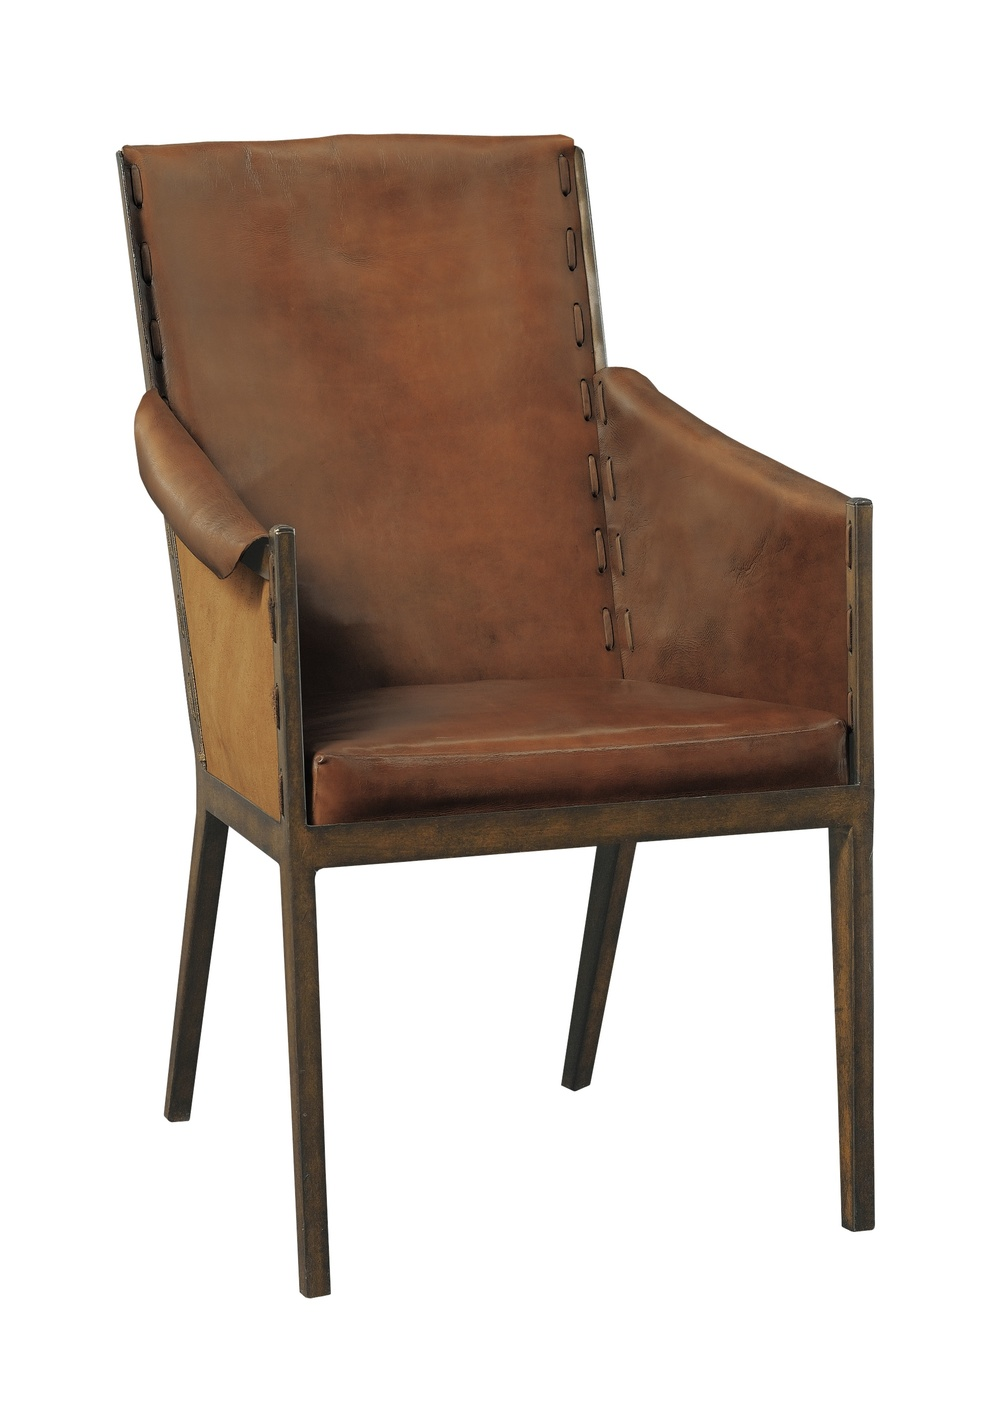 Hickory Chair - Gunnison Chair